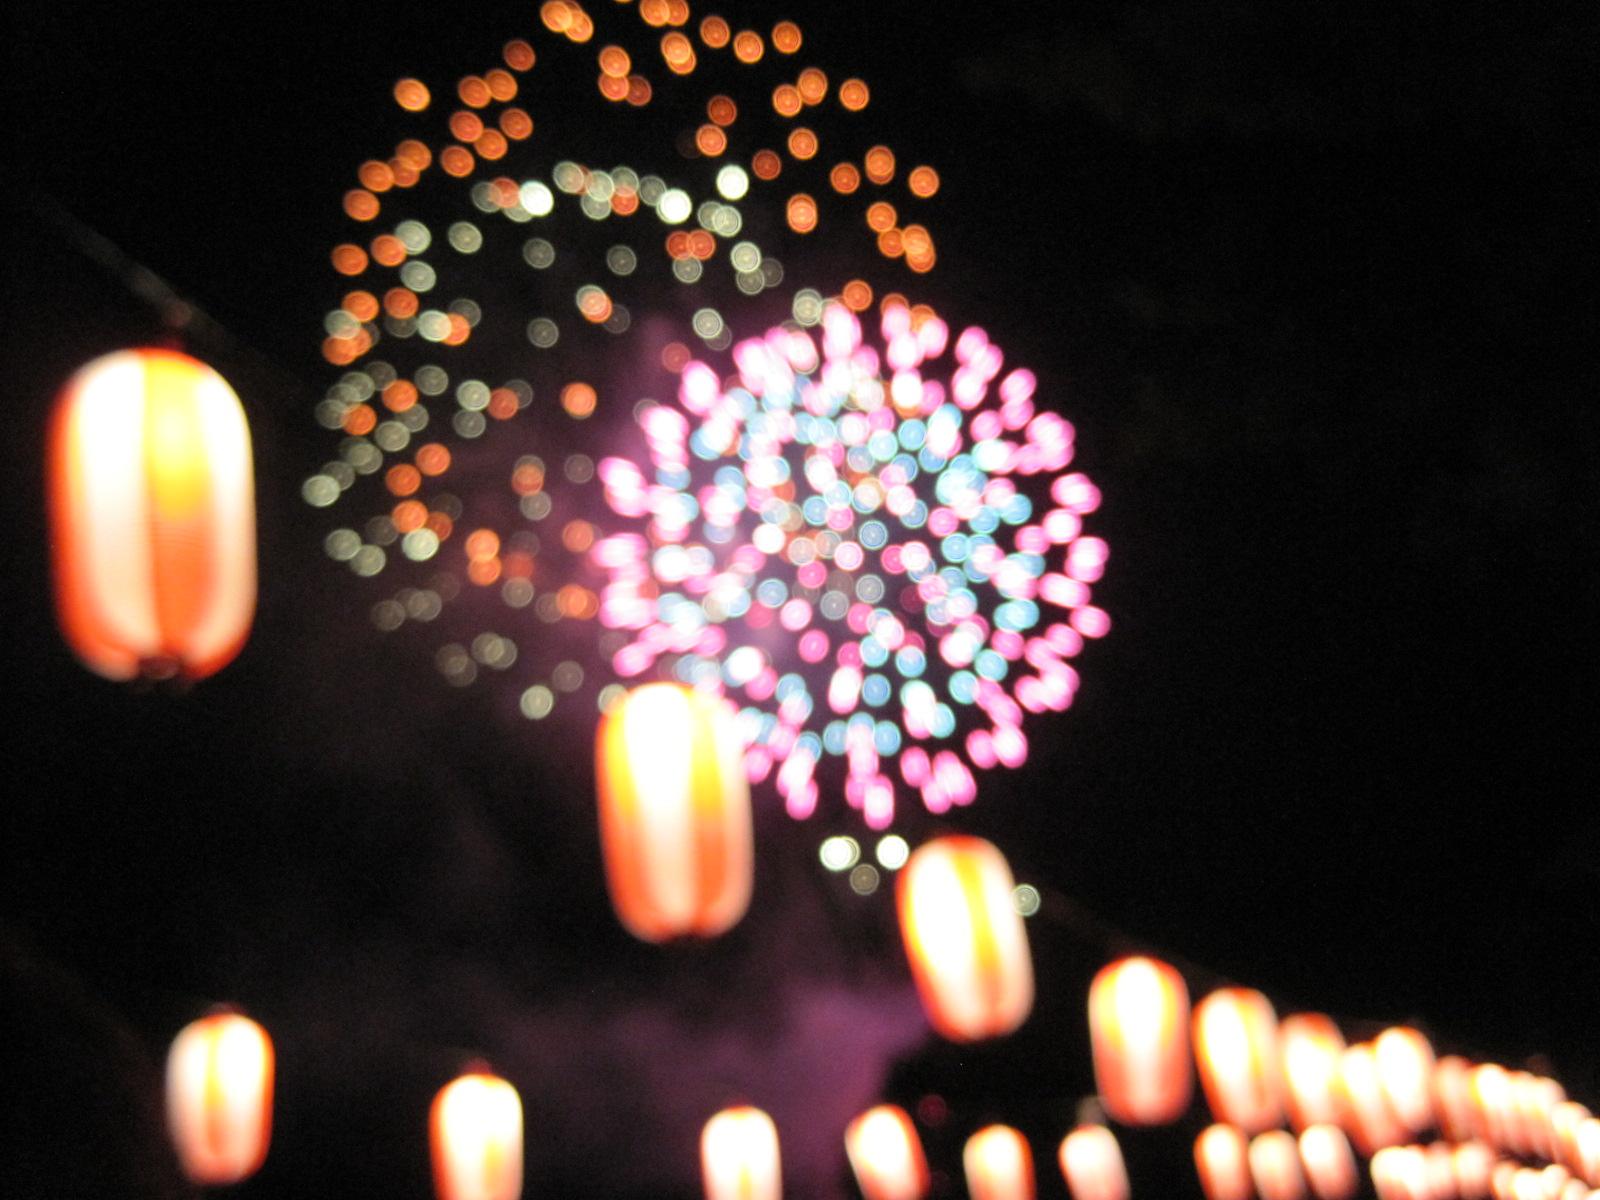 長倉神社の花火&アウトレットの花火_f0236260_144528.jpg